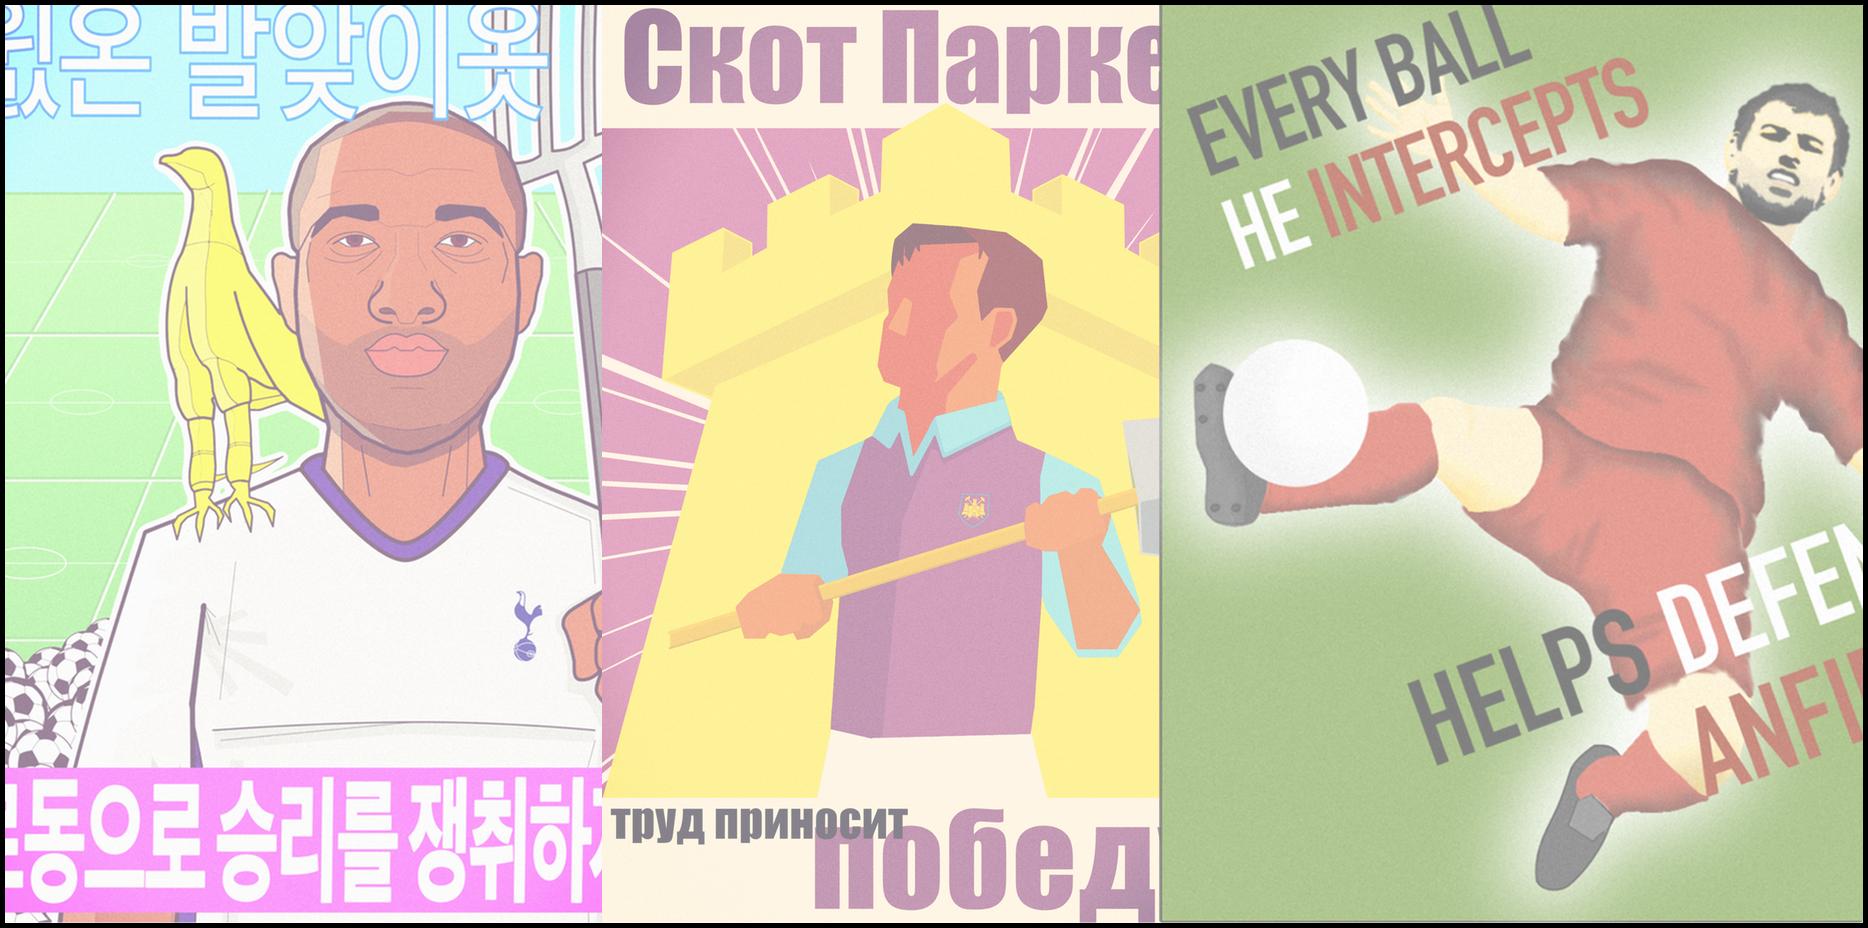 THEIR WORK BRINGS VICTORY! - Celebrating football's hardest-grafting midfielders